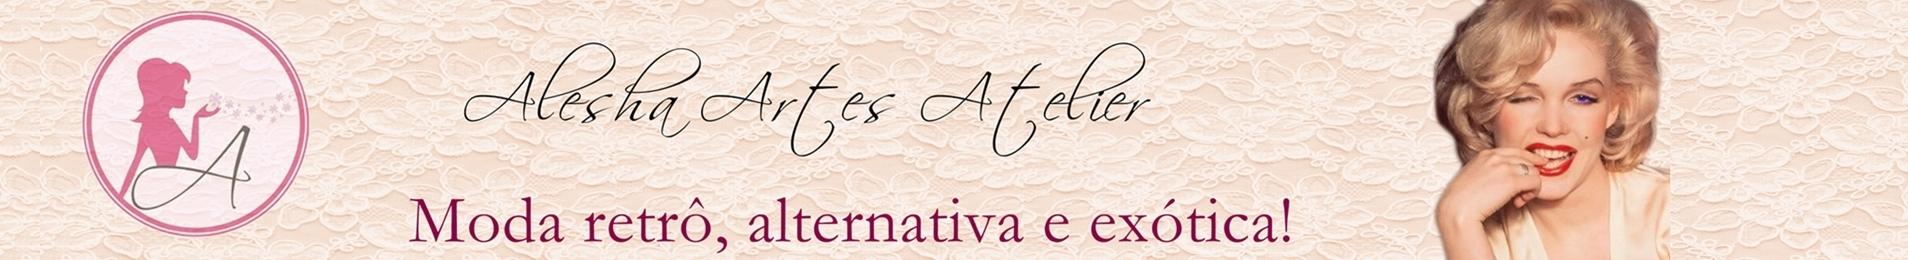 Alesha Artes